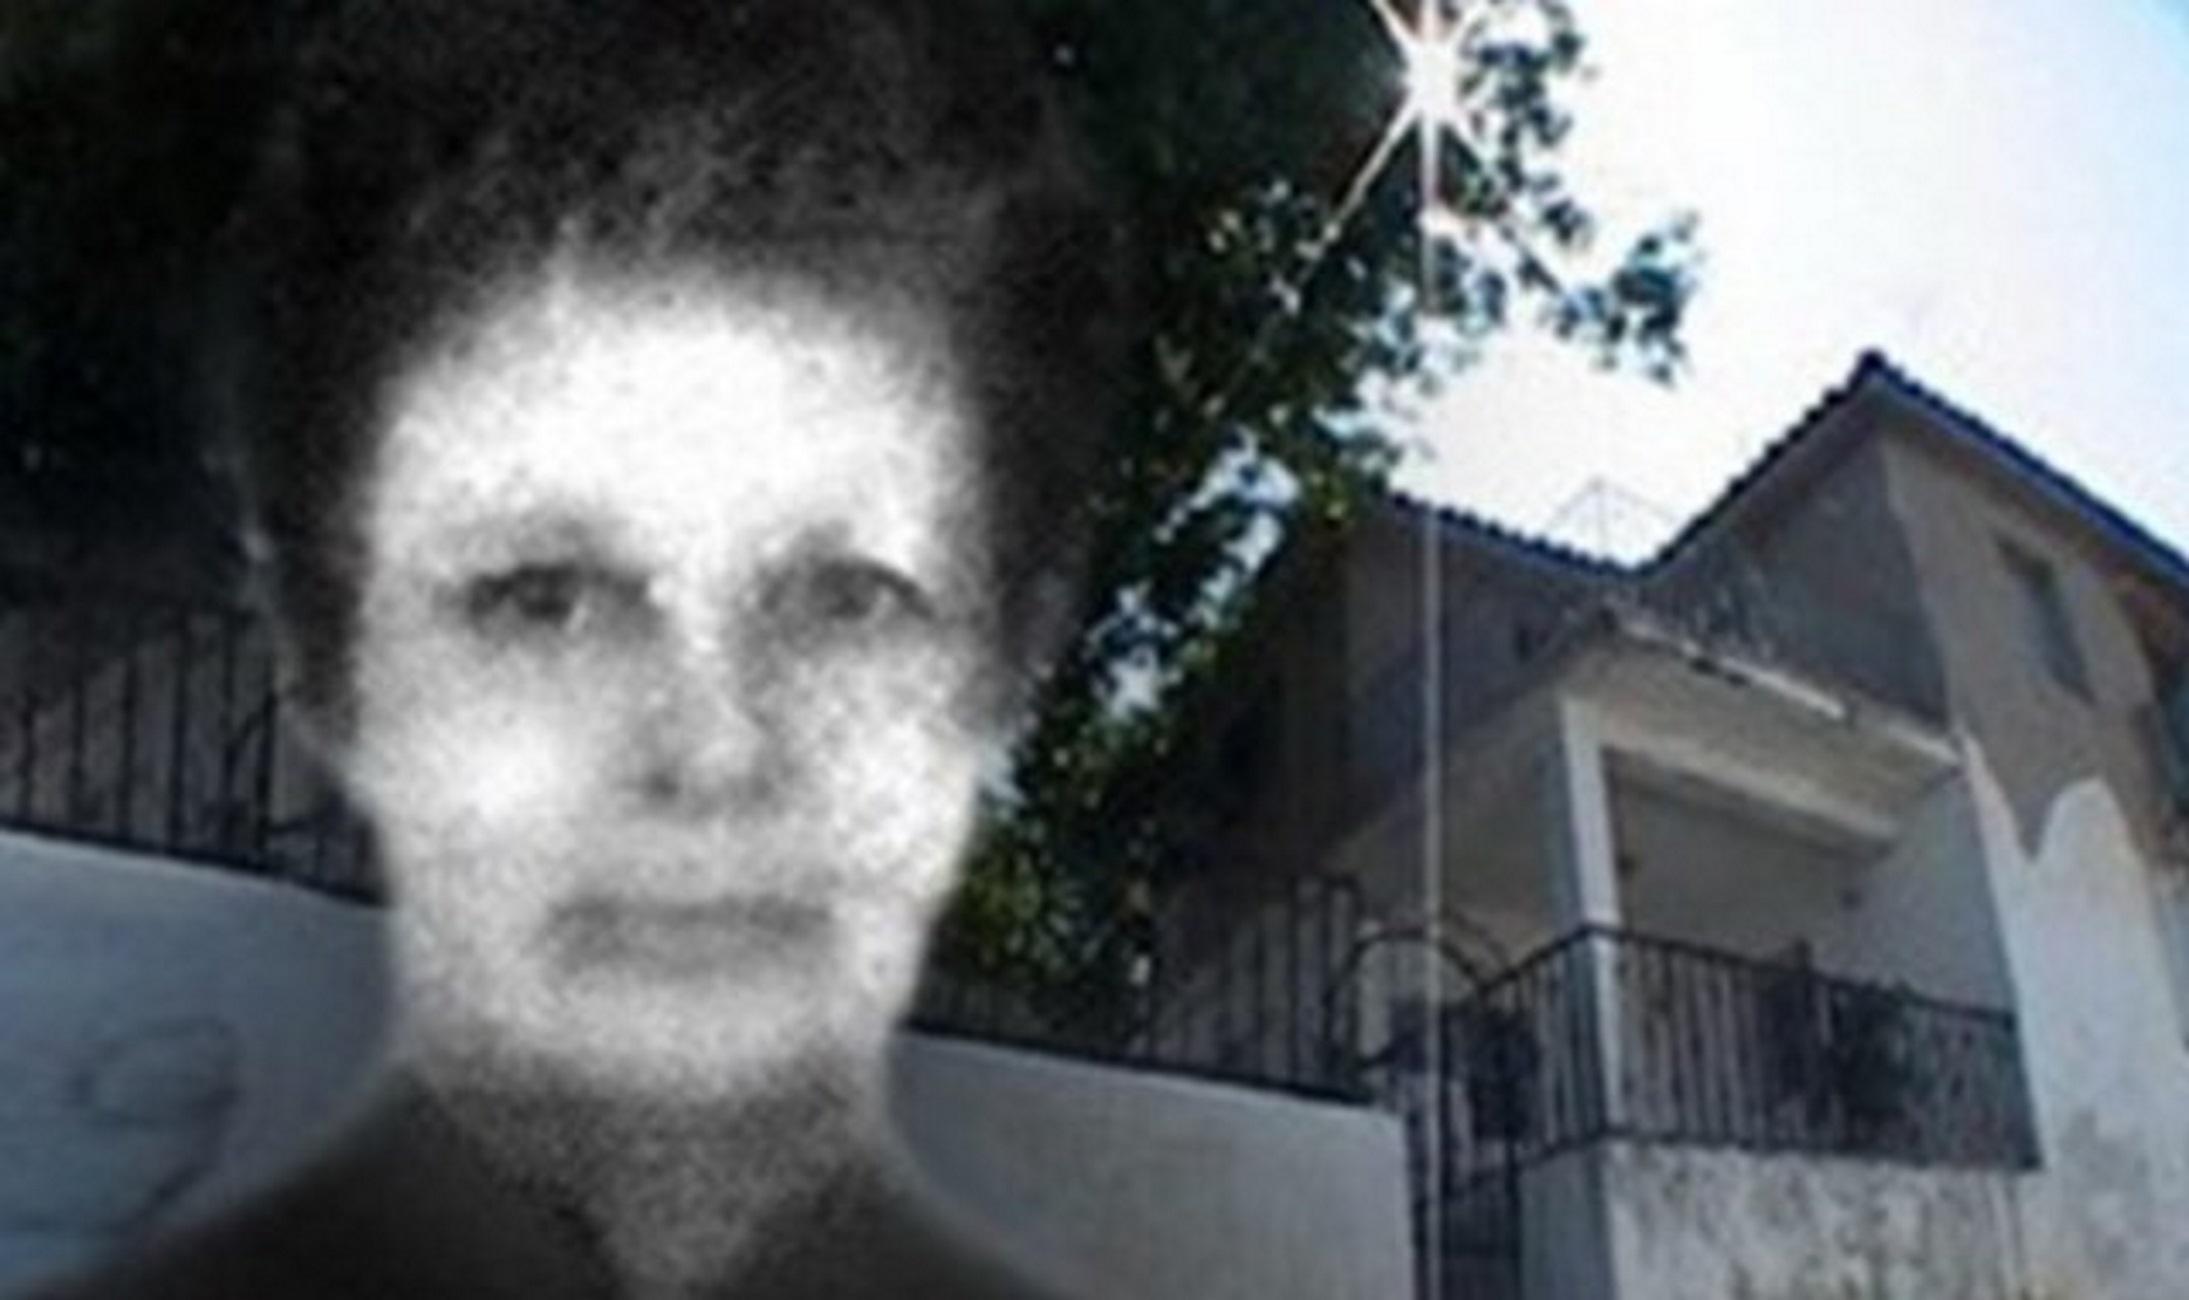 Βόλος: Έρευνες για την αγνοουμένη Μαριάννα Κοντούλη στην περιοχή Αμαλιάπολης